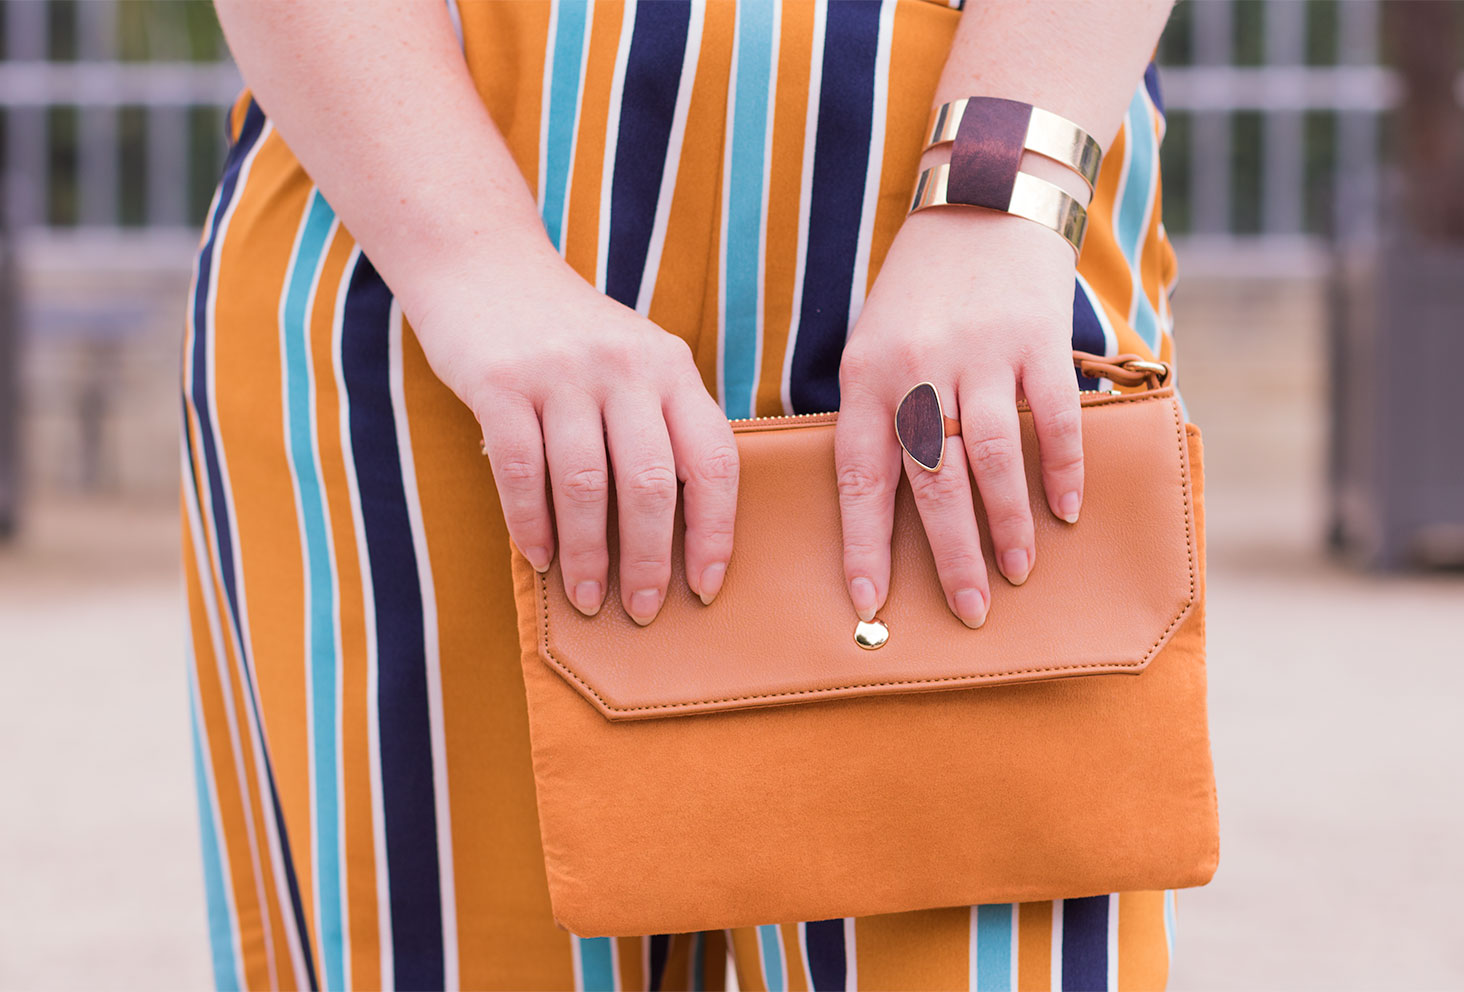 Une pochette camel de Kiabi tenue entre les mains devant un pantalon jaune à rayure